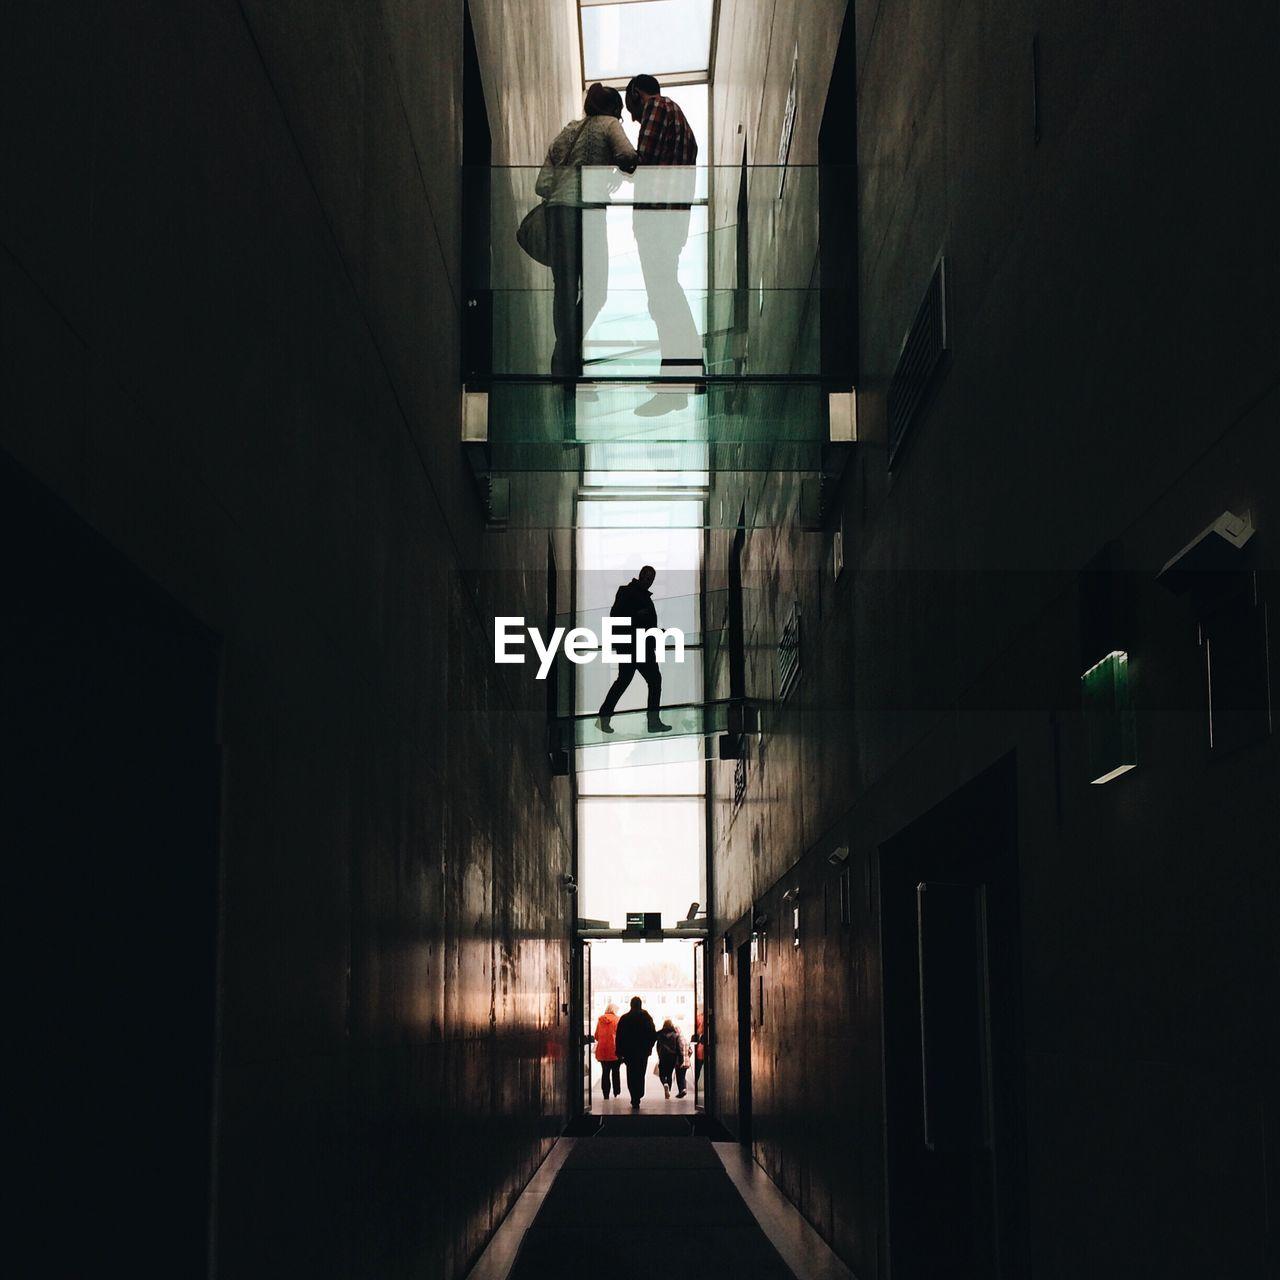 Silhouette of people walking in corridor